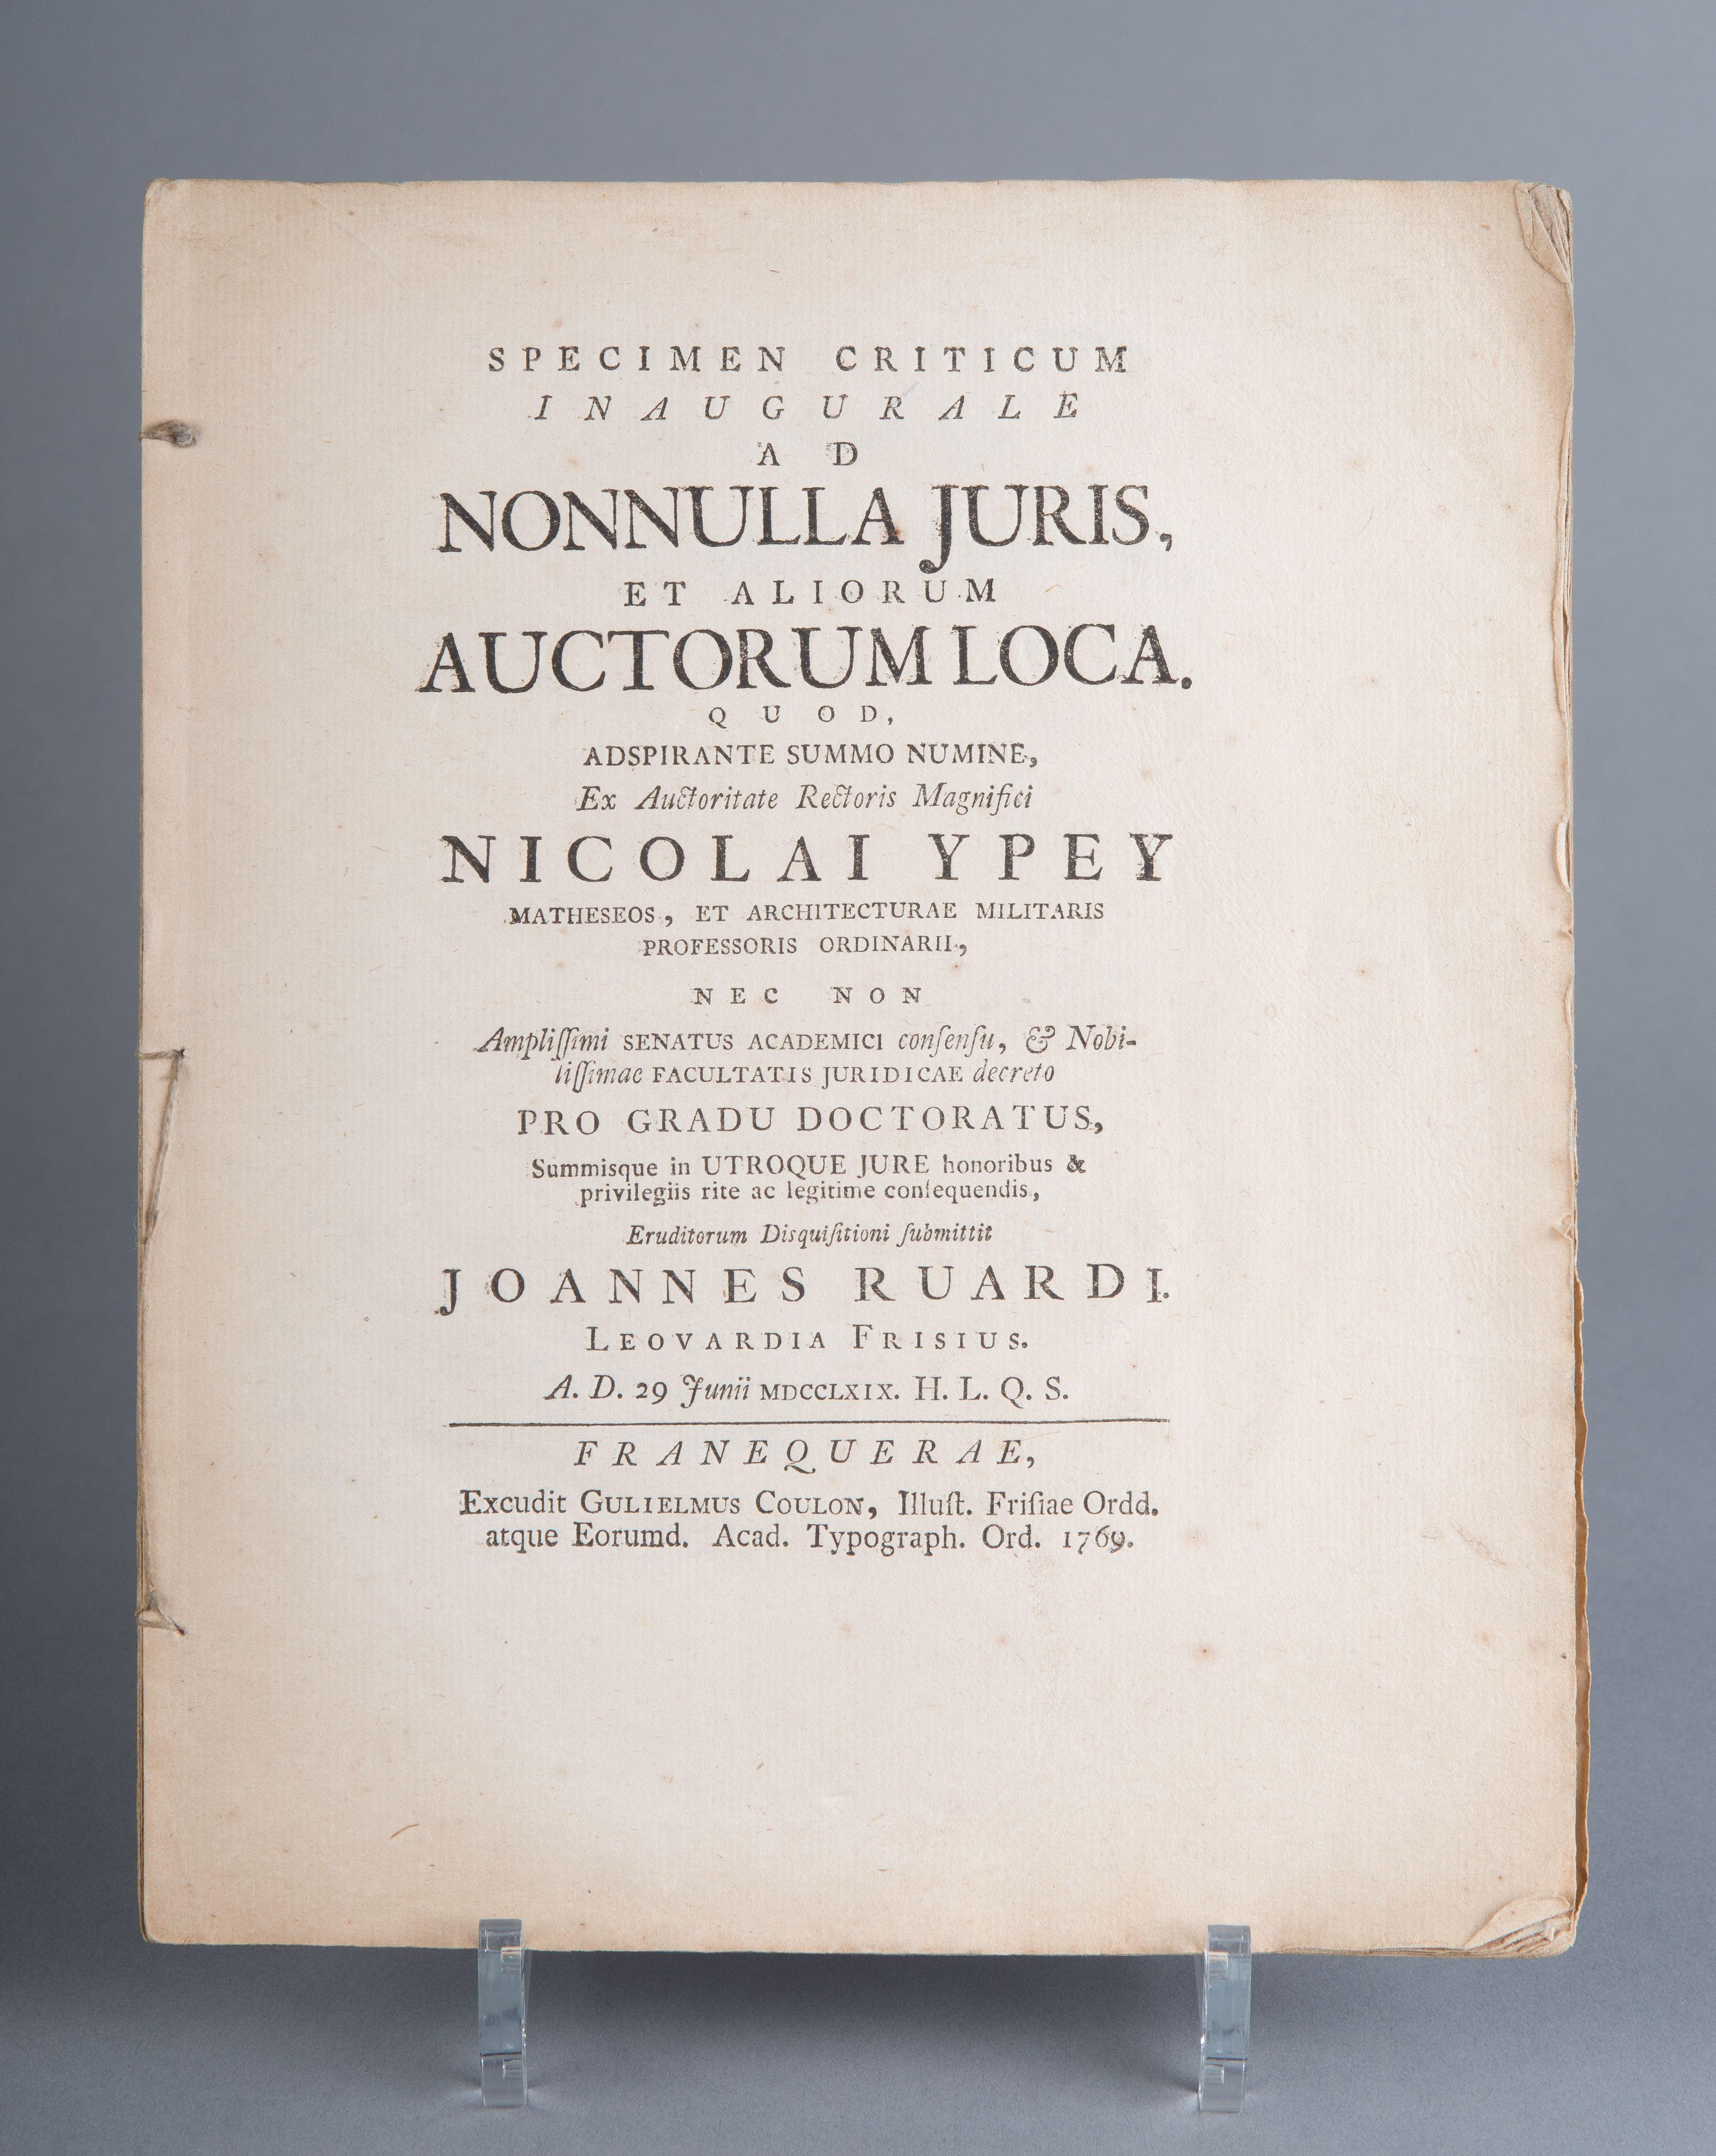 'Specimen criticum inaugurale ad nonnulla juris et aliorum auctorum loca'